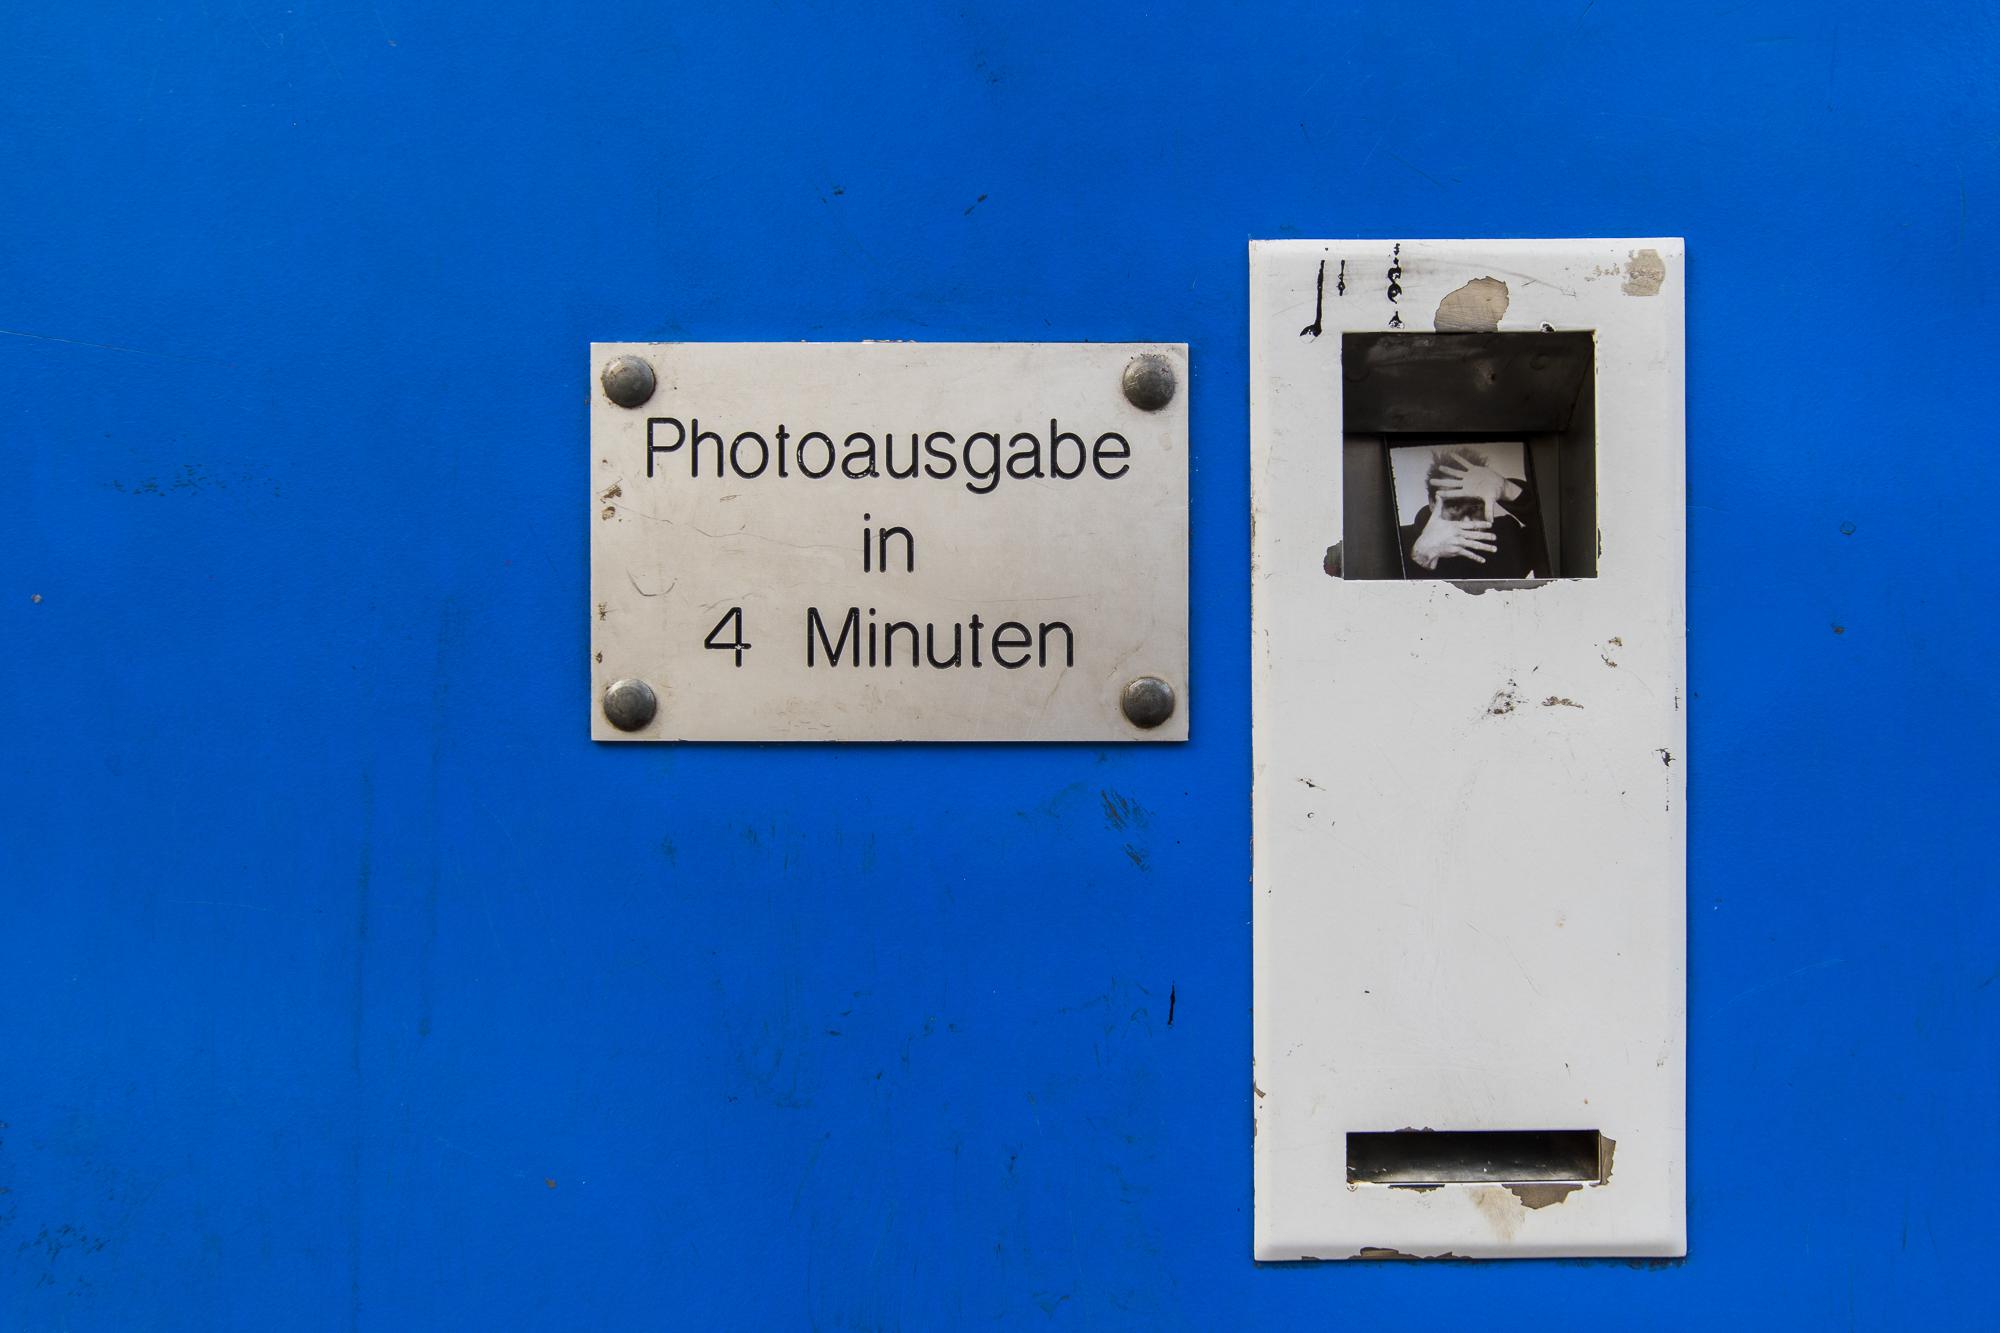 PHOTOGRAPHY: ALEXANDER J.E. BRADLEY • NIKON D500 • AF-S NIKKOR 14-24MM F/2.8G ED @ 20MM • F/2.8 • 1/400 • ISO 200